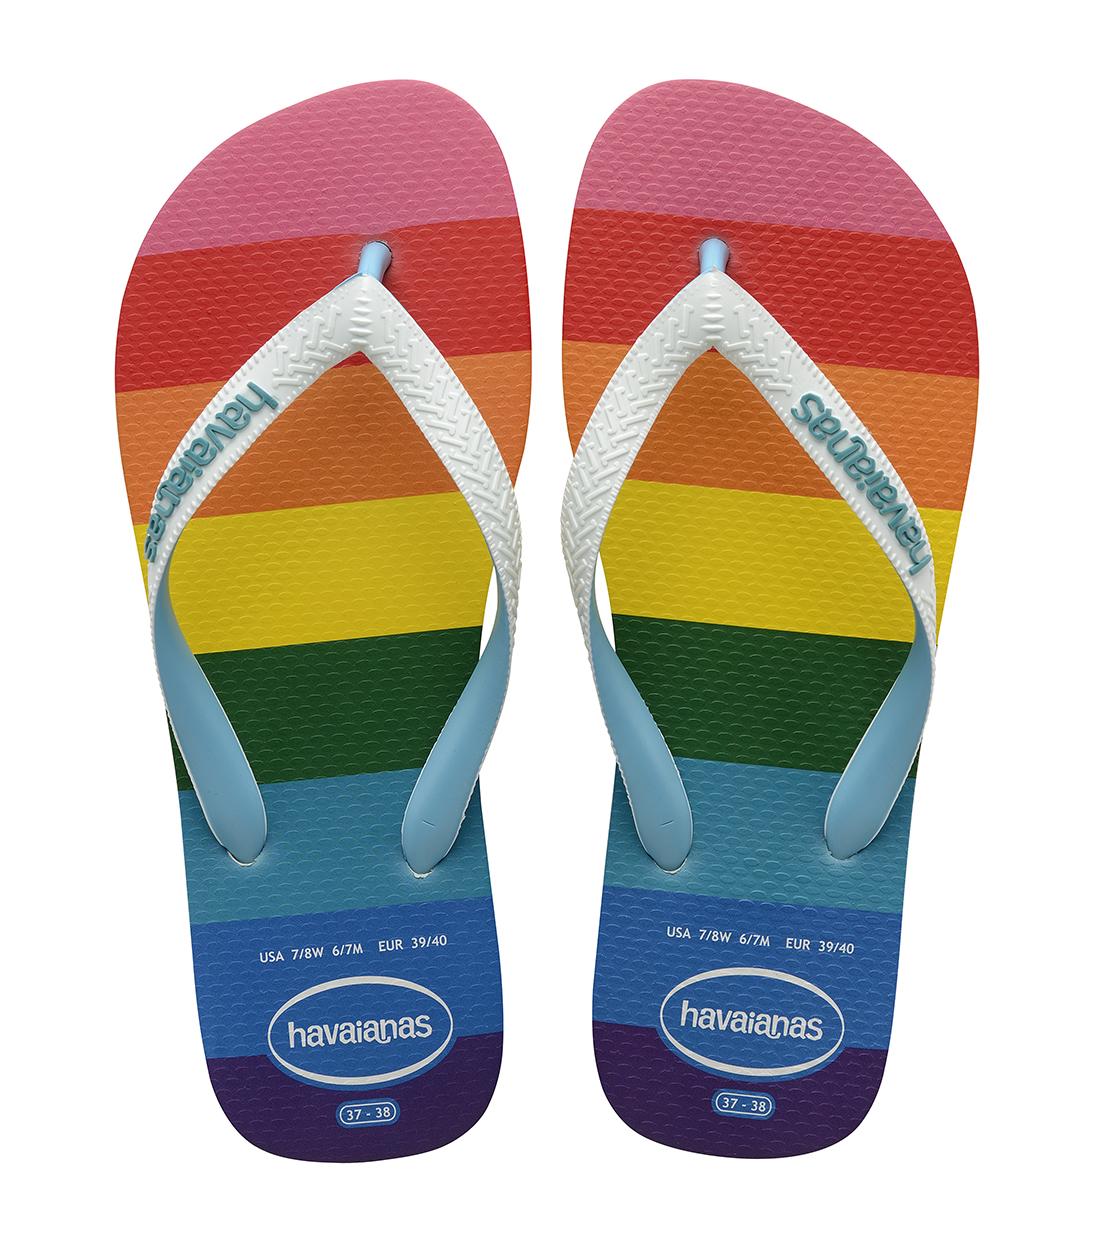 Havaianas Pride 2021